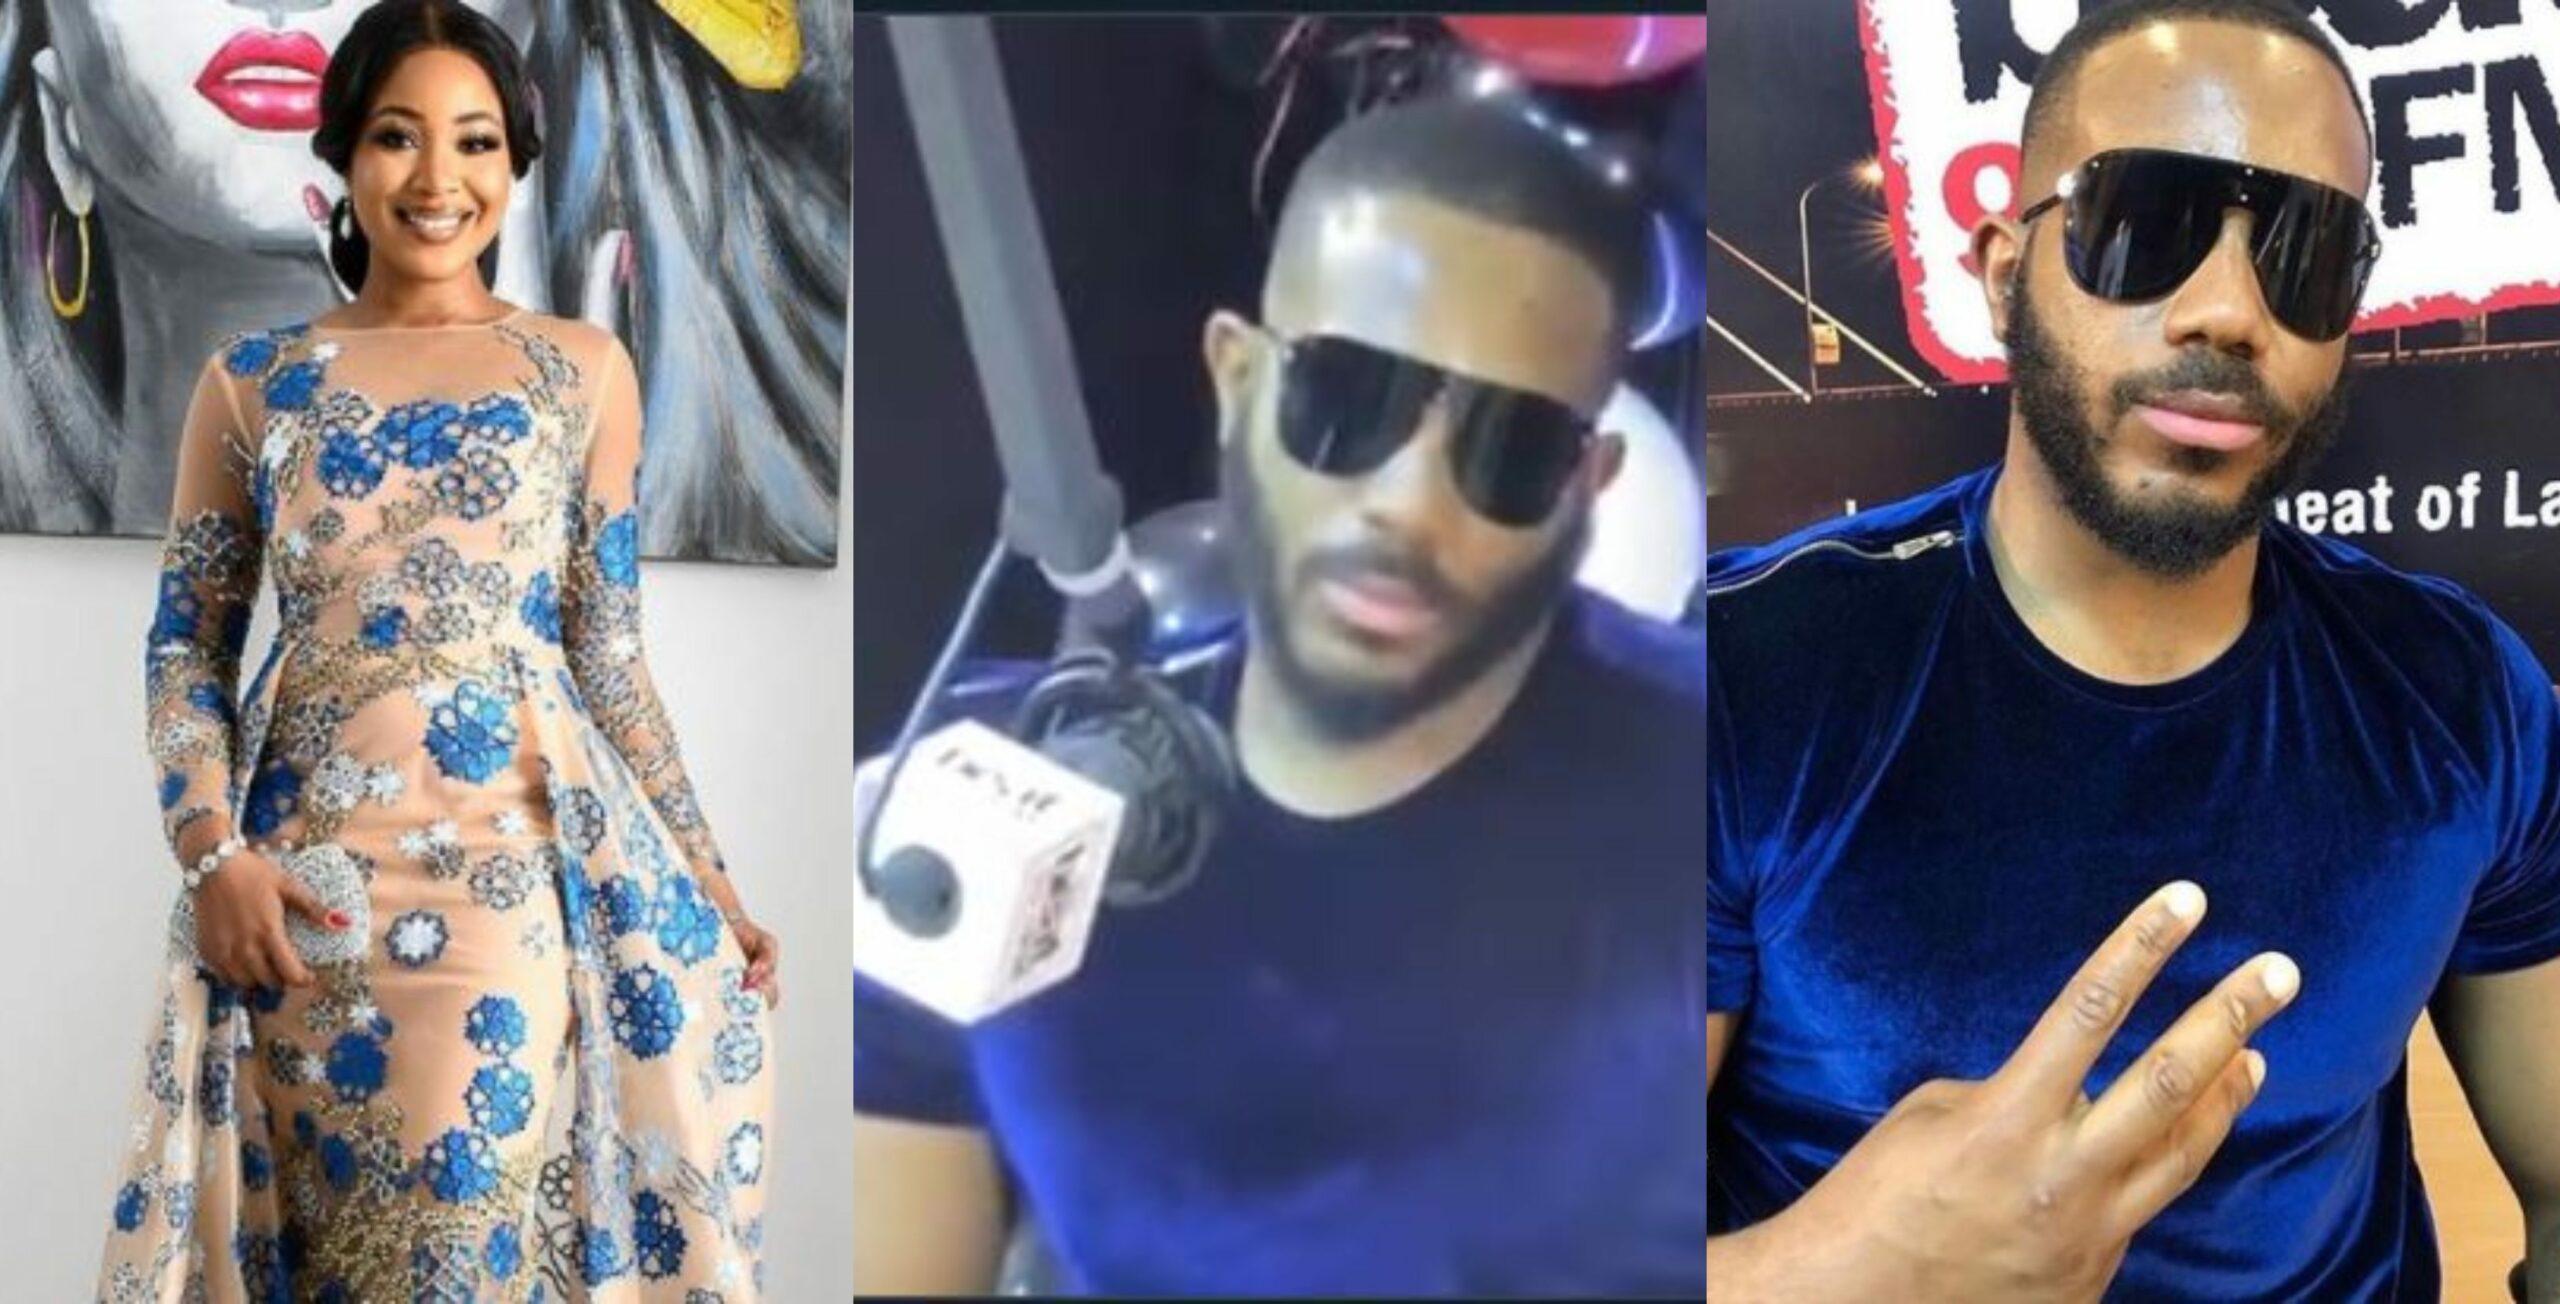 BBNaija: Erica needs to focus on herself, no relationship between us for now -Kiddaya says in new interview (Video)